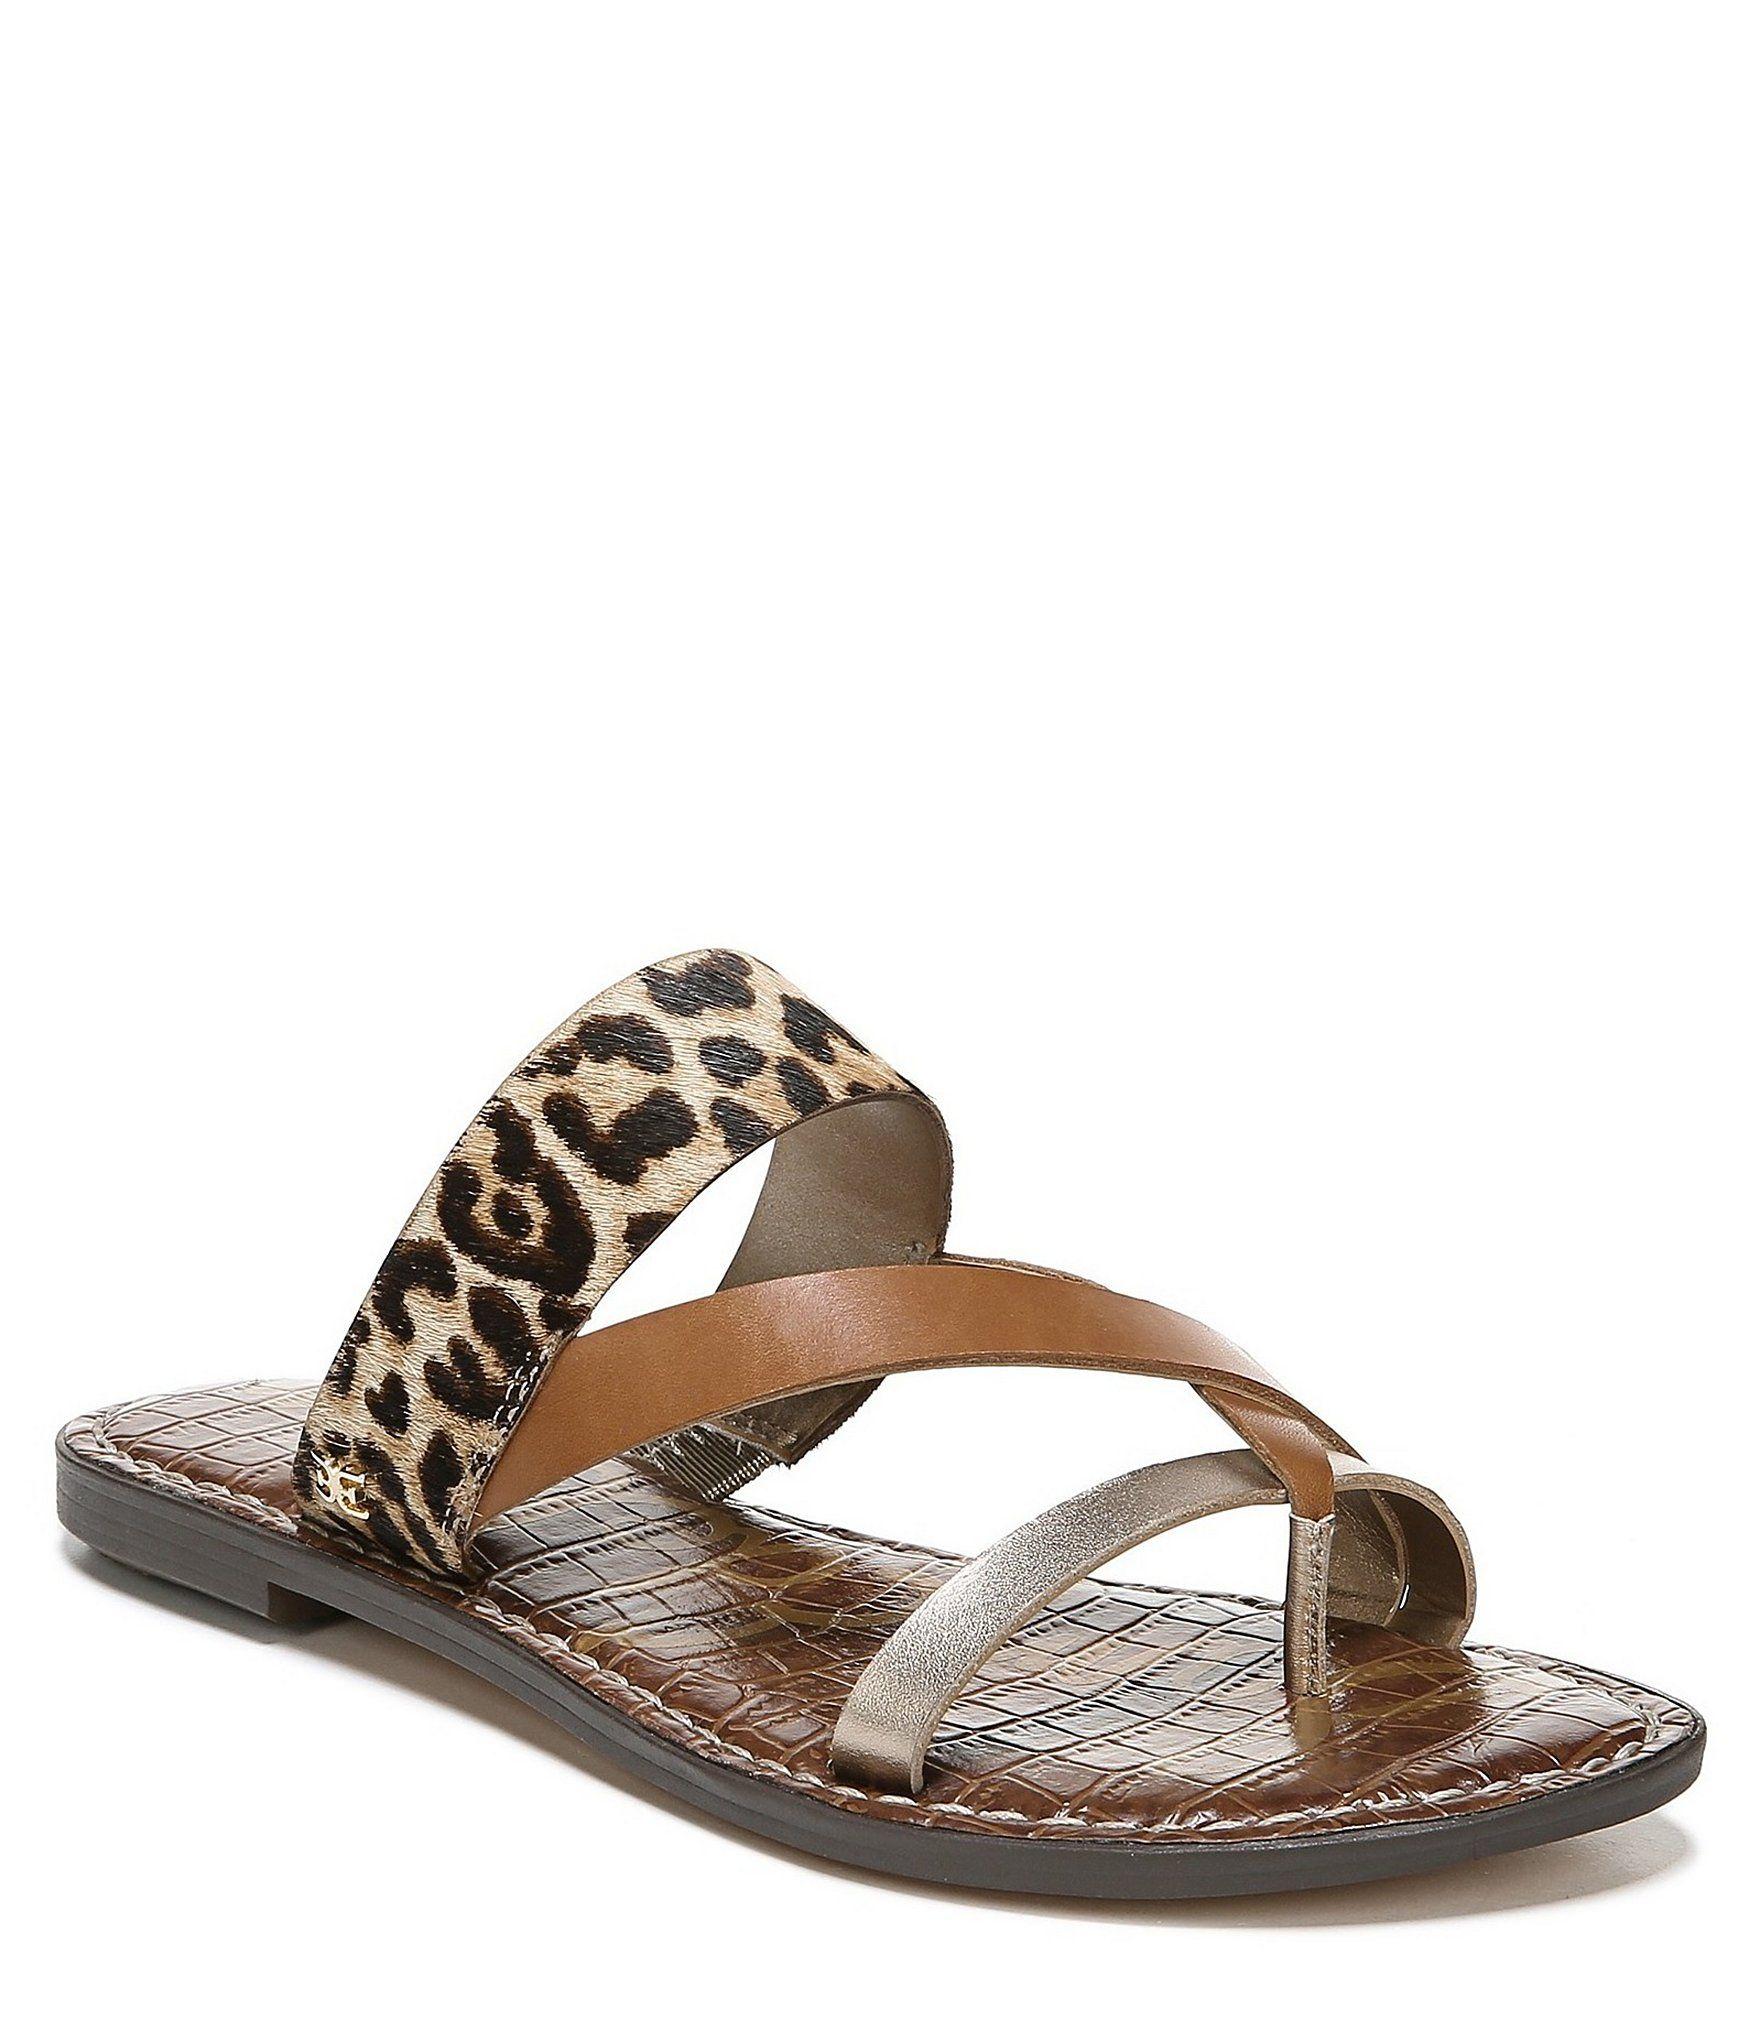 Shop for Sam Edelman Gael Leather